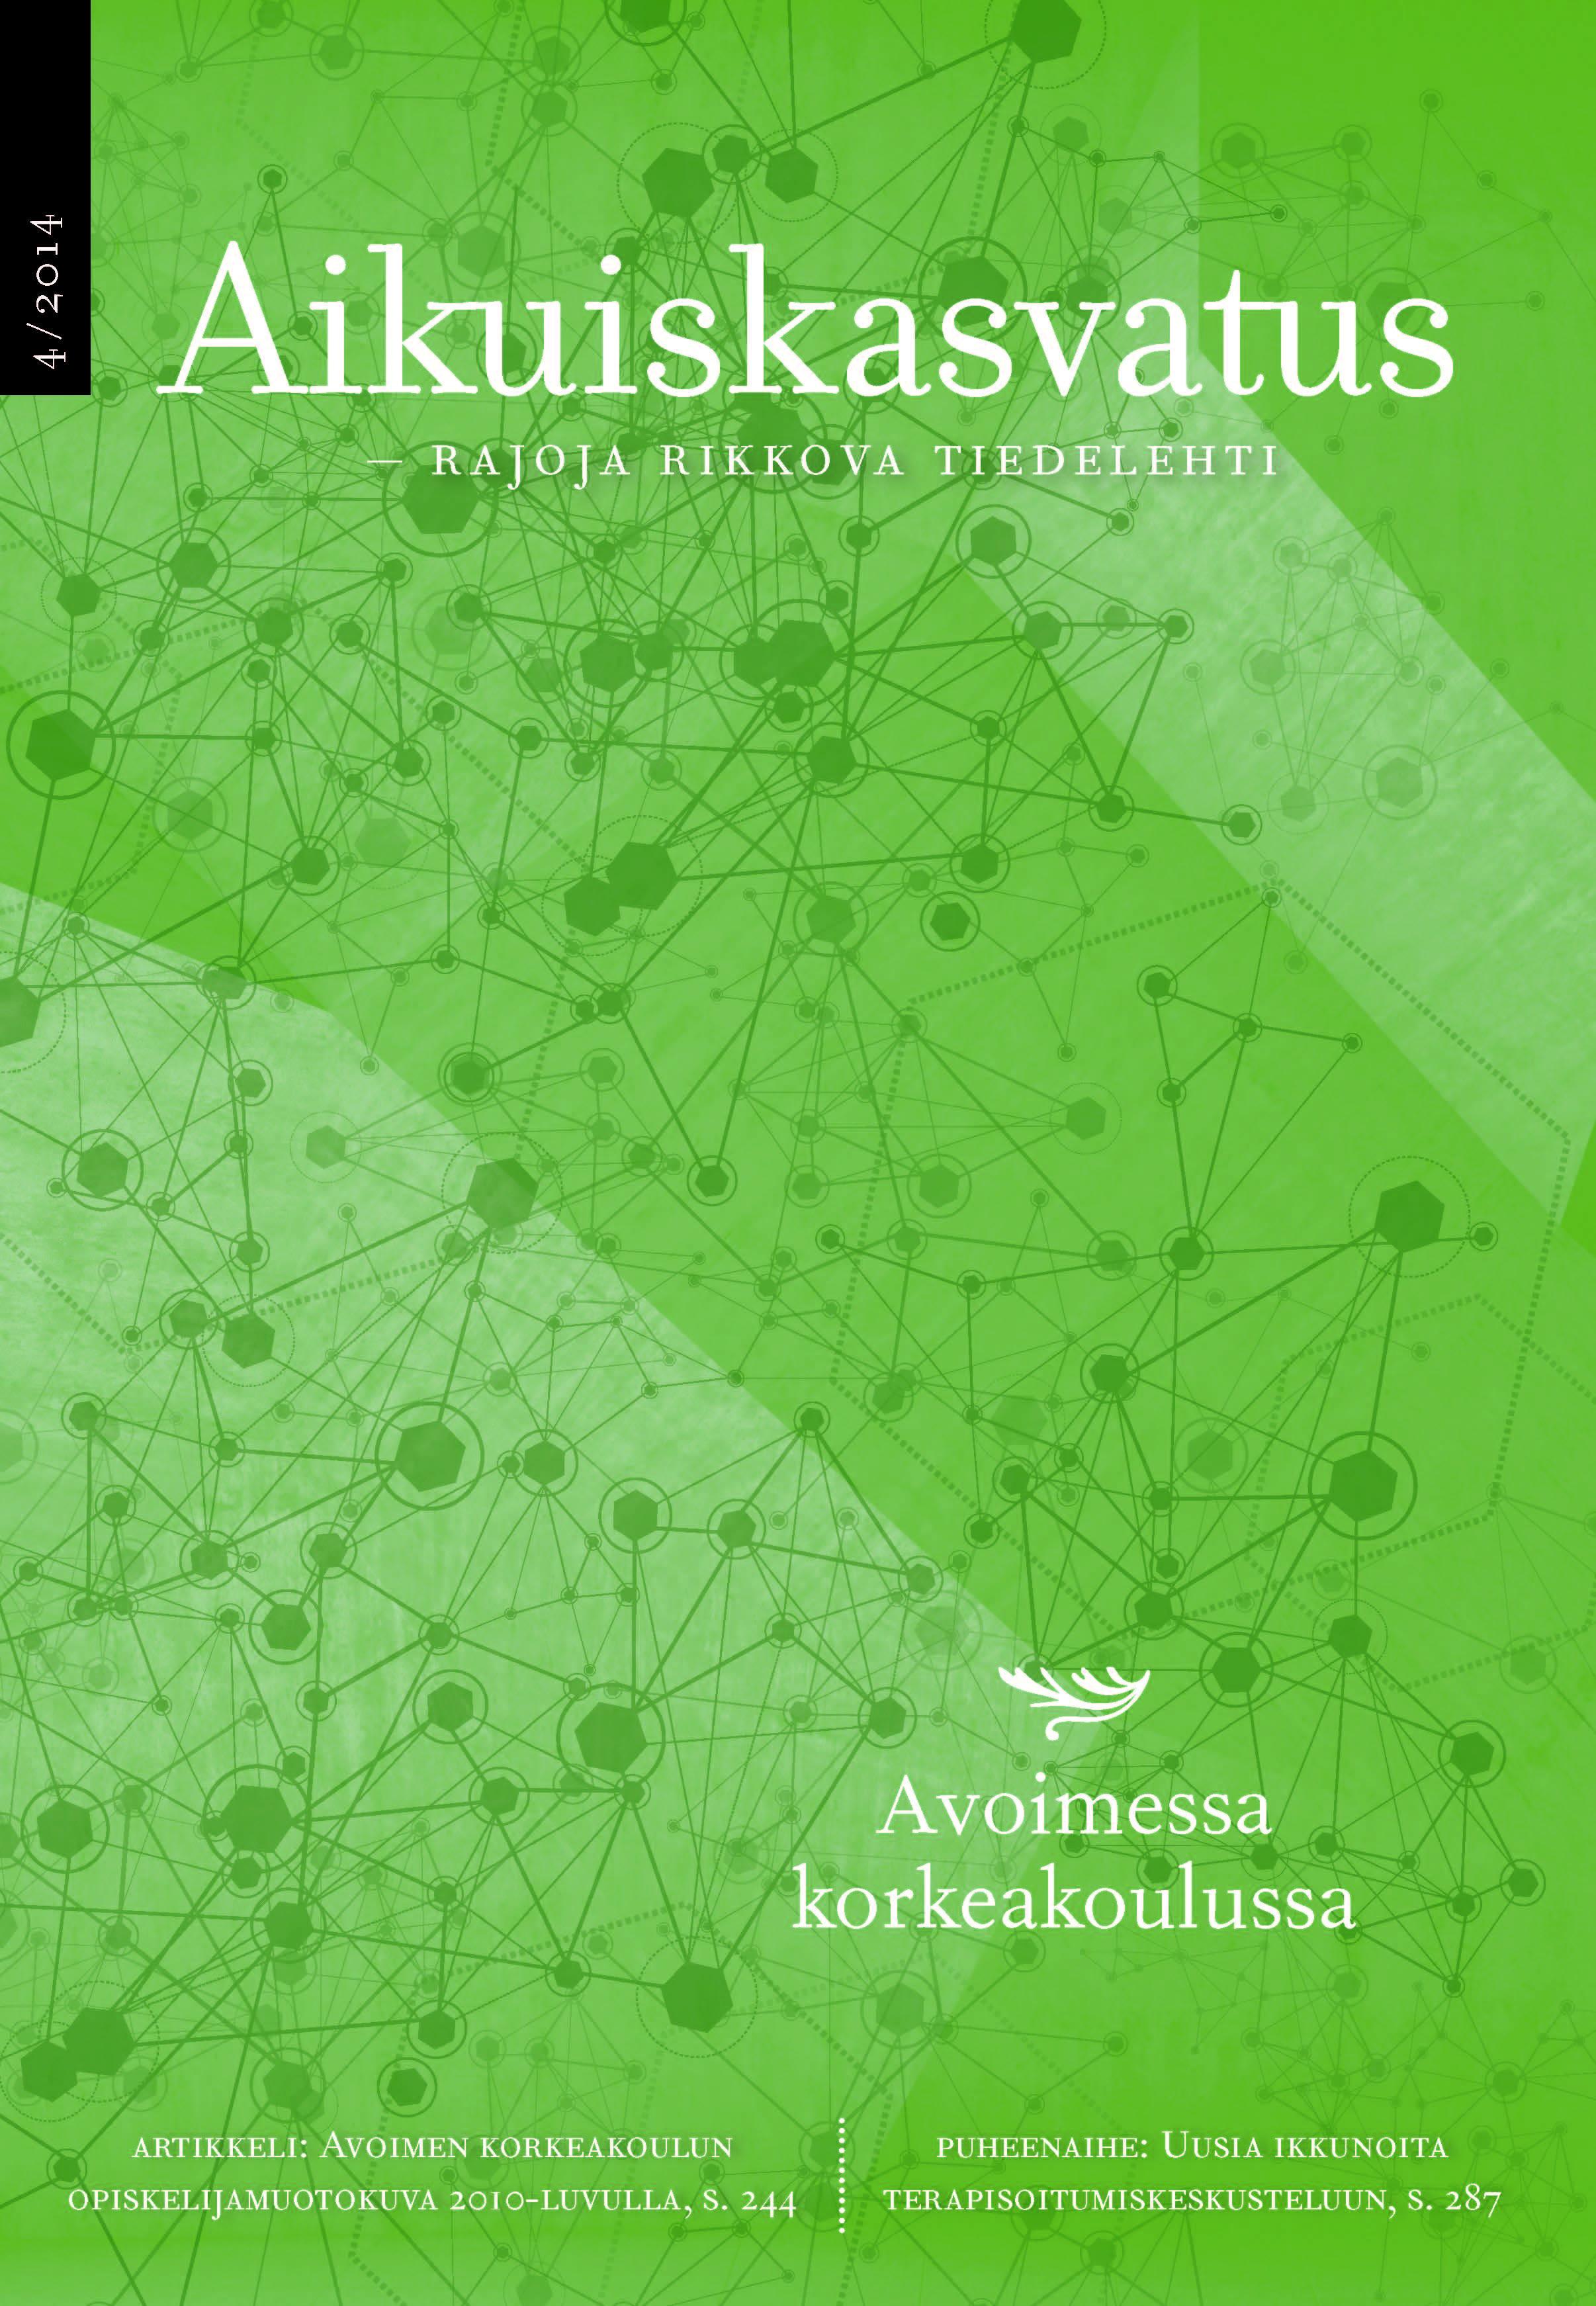 Vol 34 Nro 4 (2014): Aikuiskasvatus 4/2014: Avoimessa korkeakoulussa